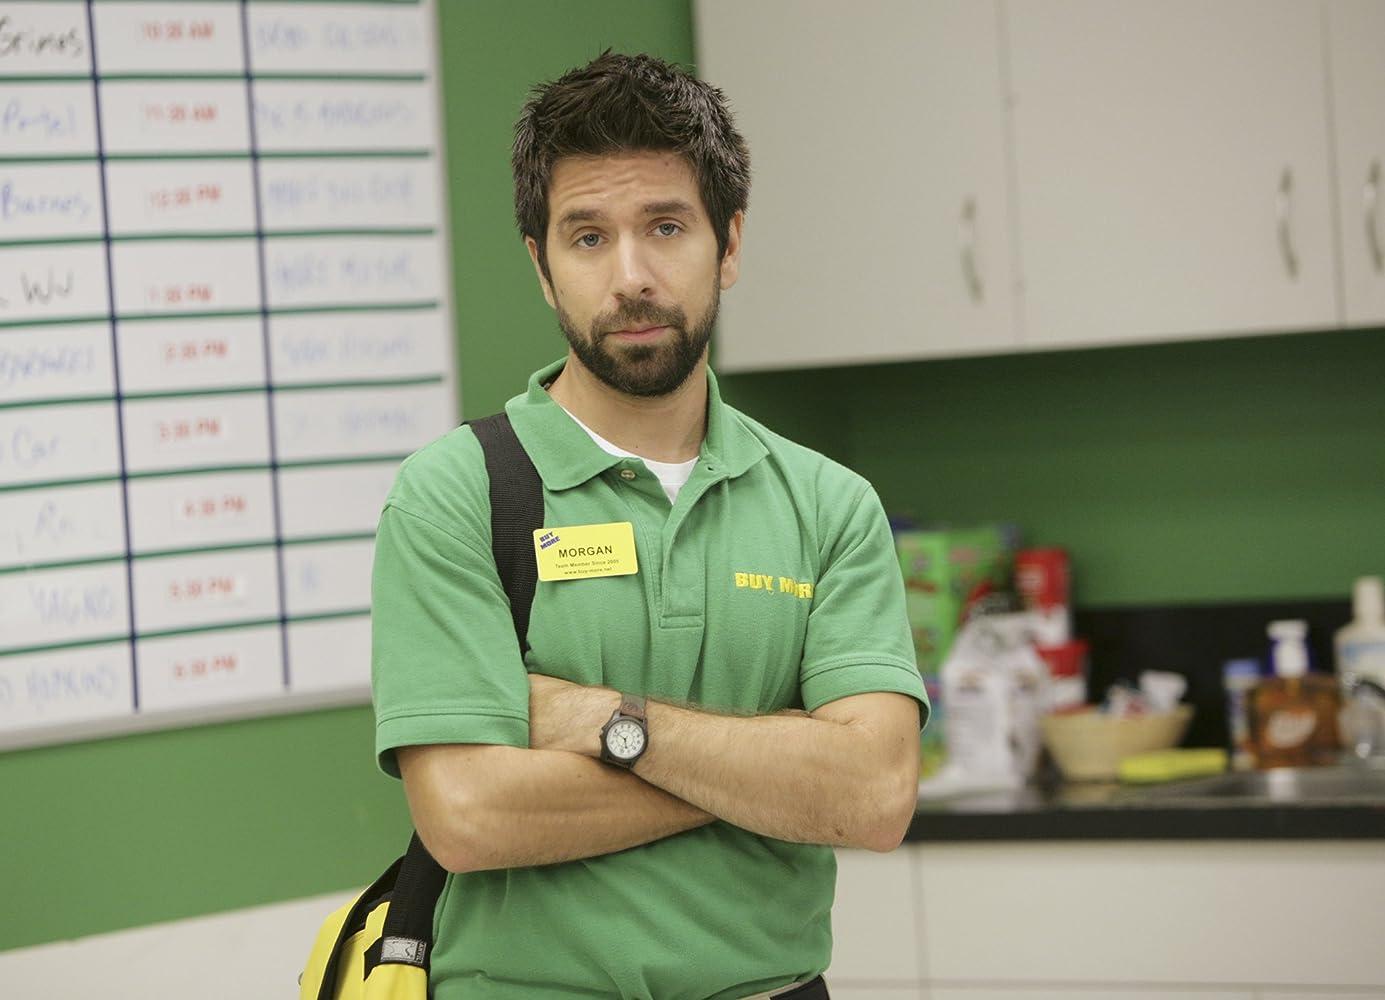 Joshua Gomez in Chuck (2007)